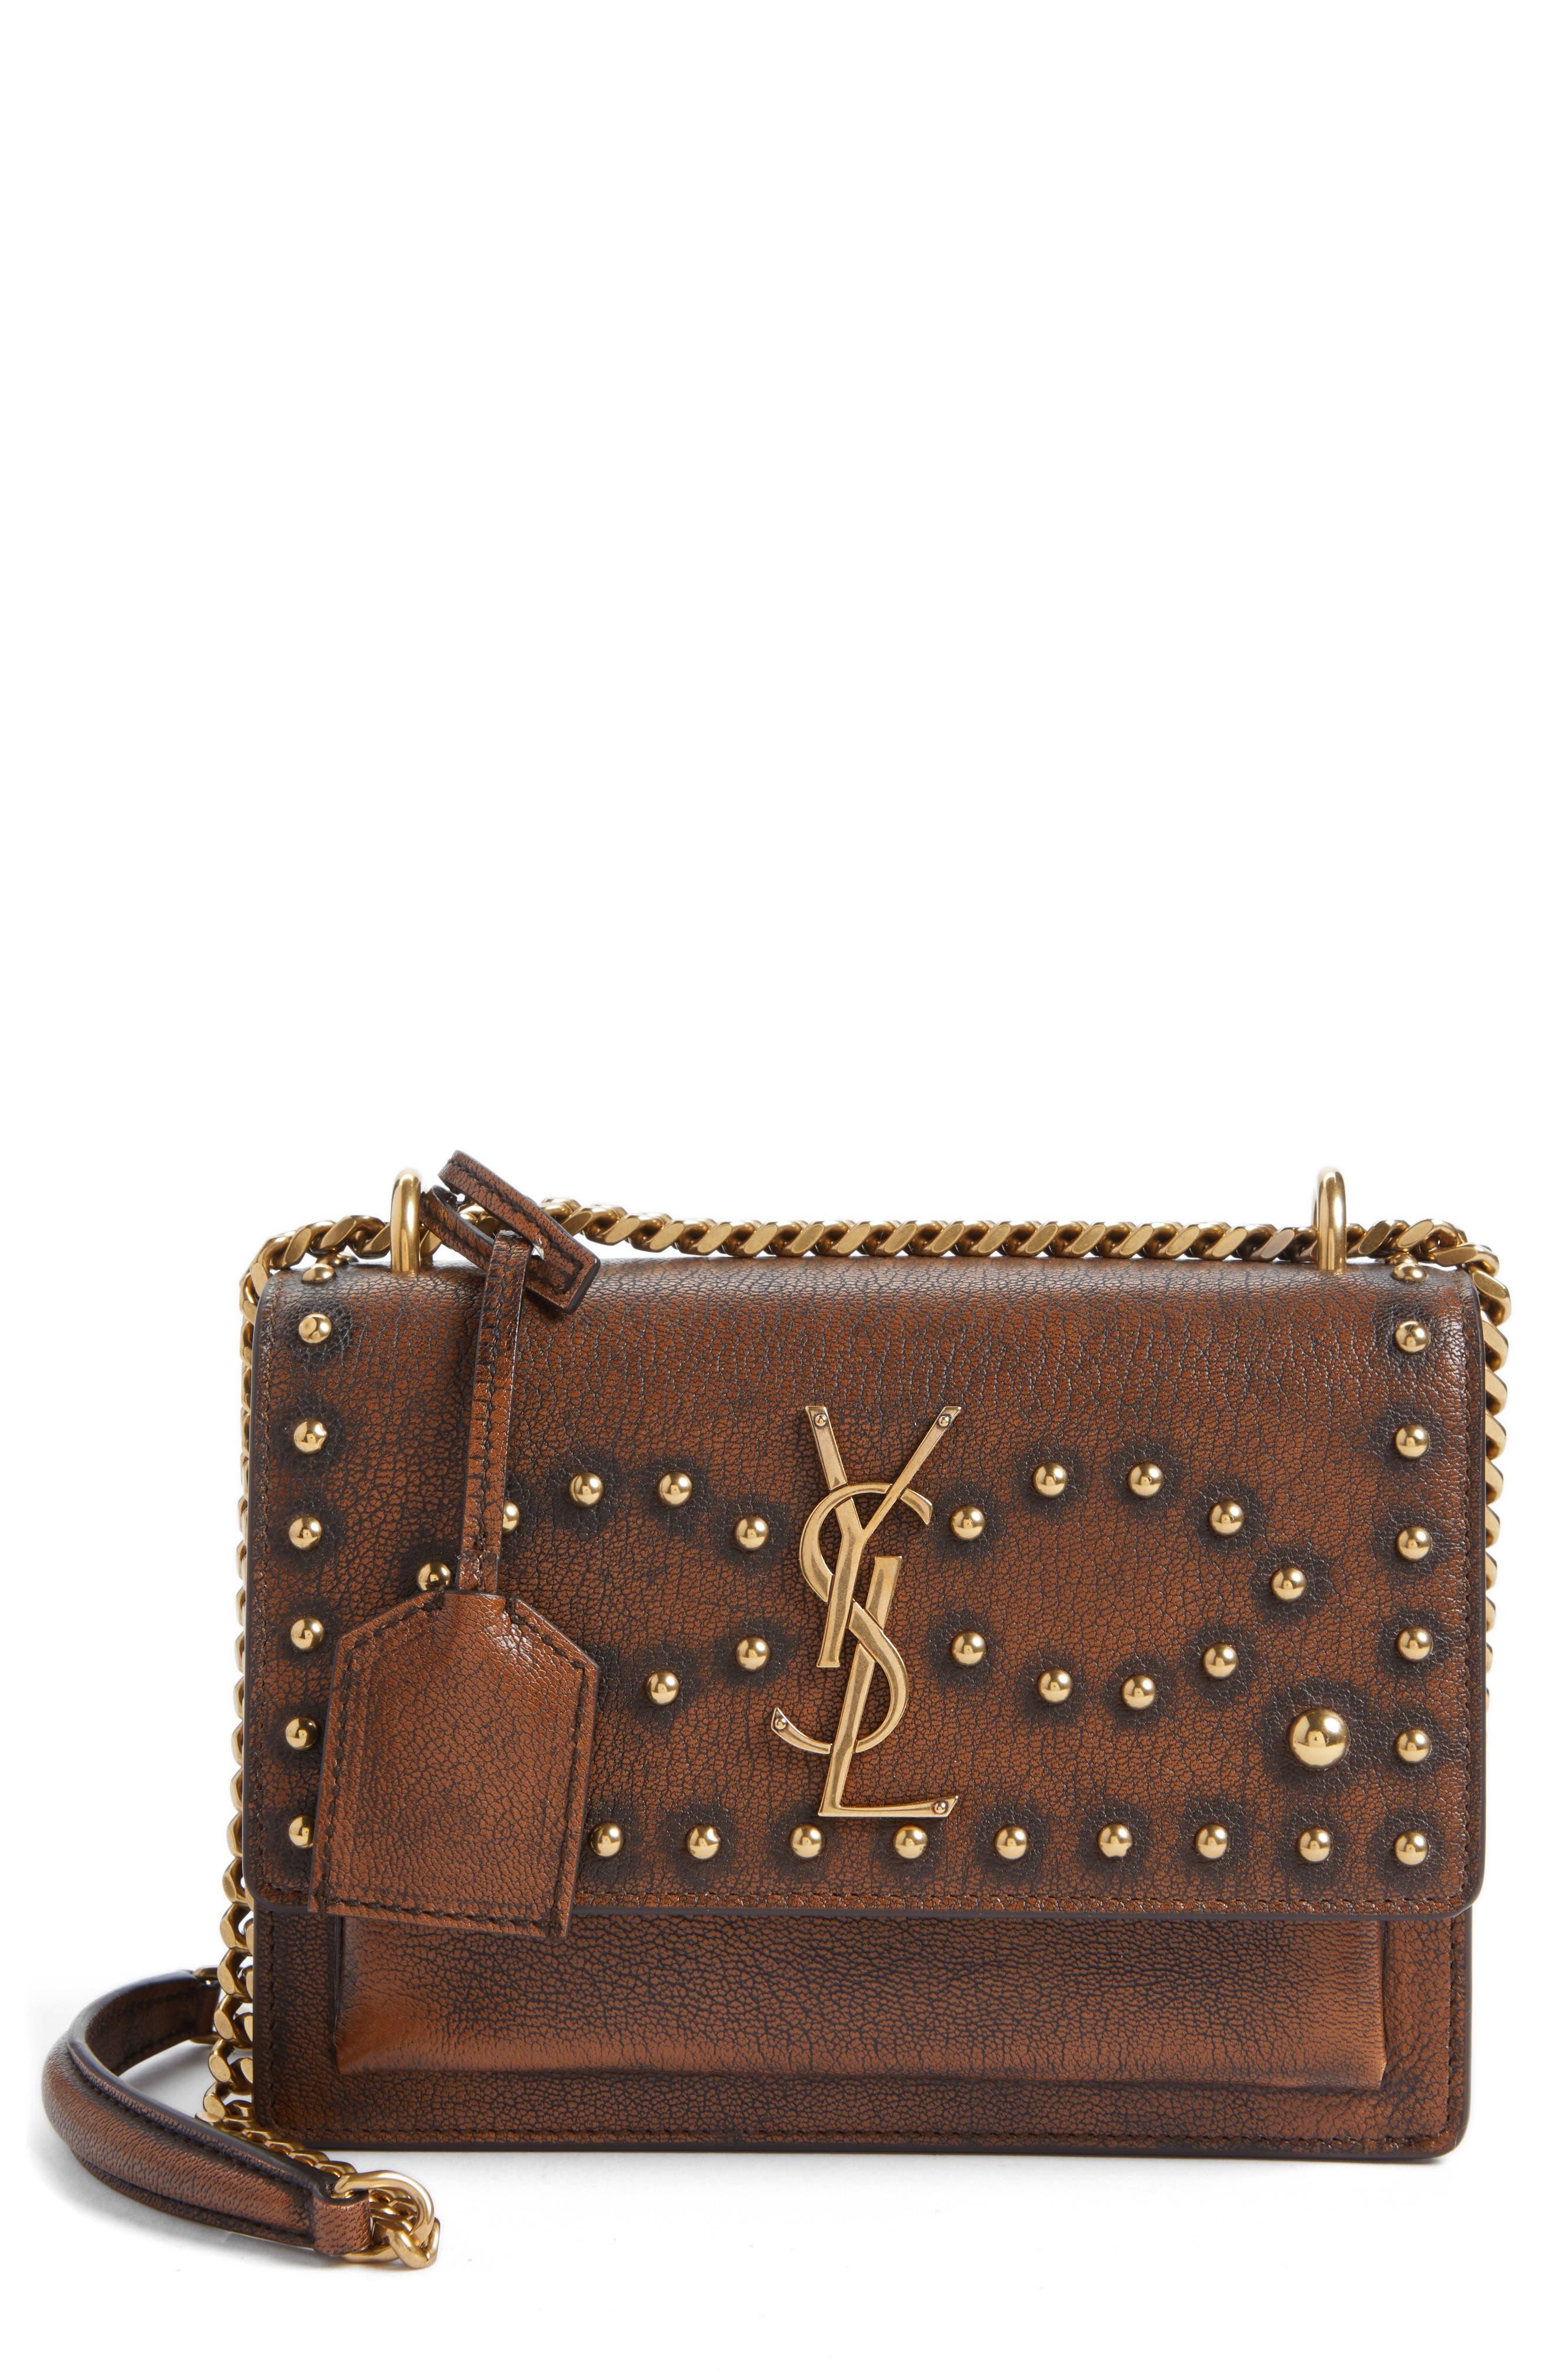 Saint Laurent Small Sunset Studded Vintage Leather Shoulder Bag